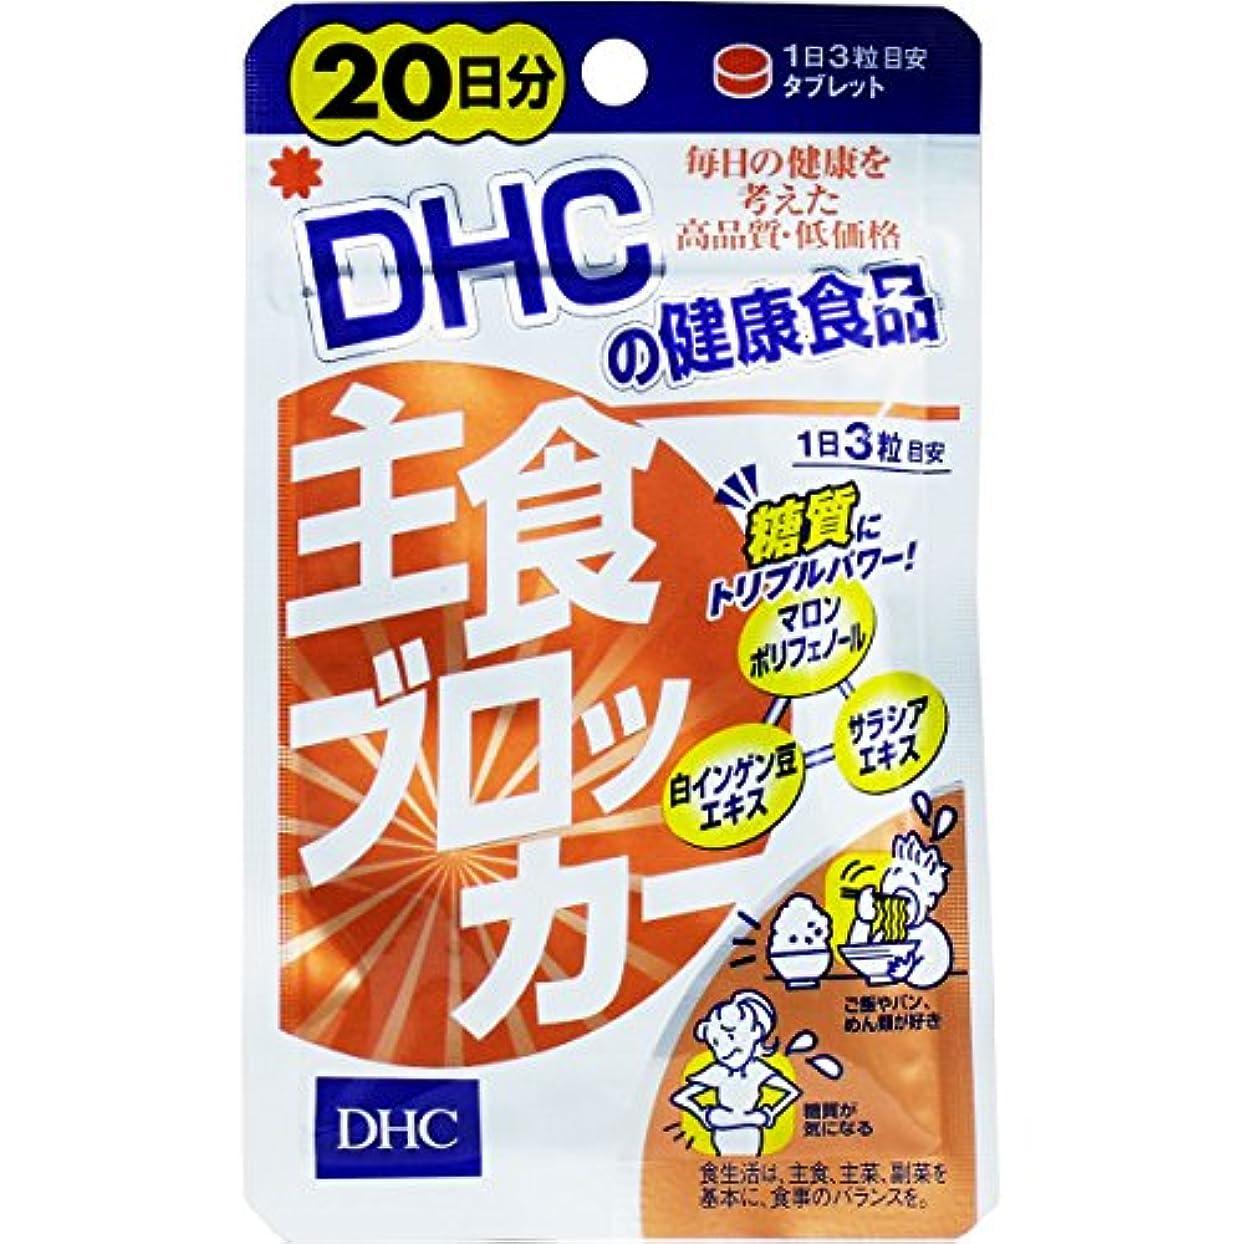 努力るプリーツダイエット トリプルパワーでため込み対策 栄養機能食品 DHC 主食ブロッカー 20日分 60粒入【4個セット】